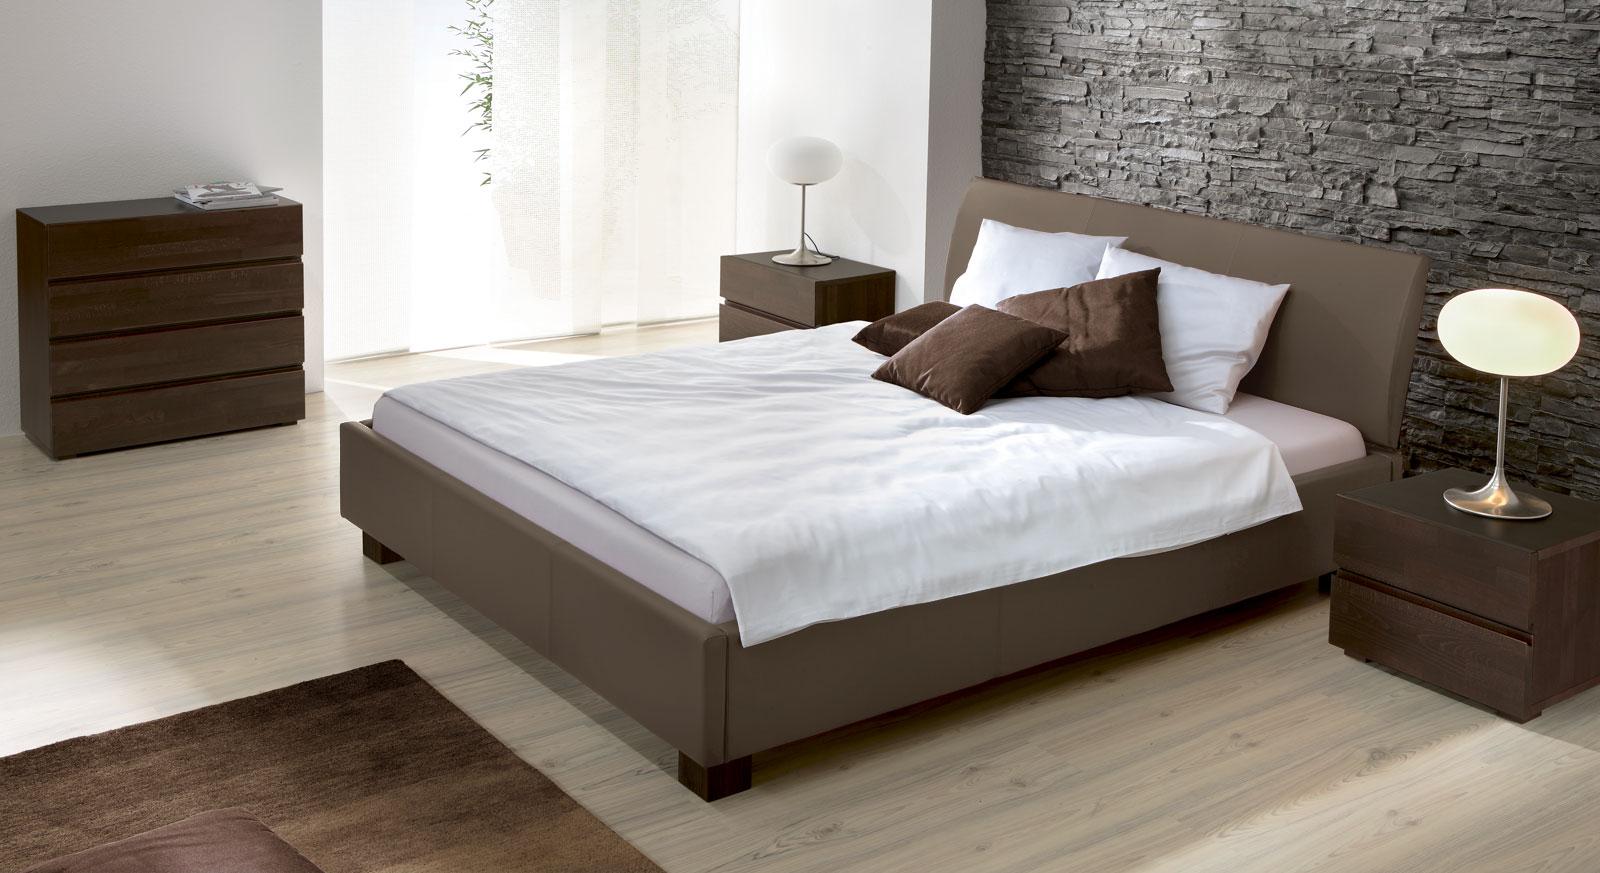 polsterbett mit hohem kopfteil und kunstlederbezug amore. Black Bedroom Furniture Sets. Home Design Ideas